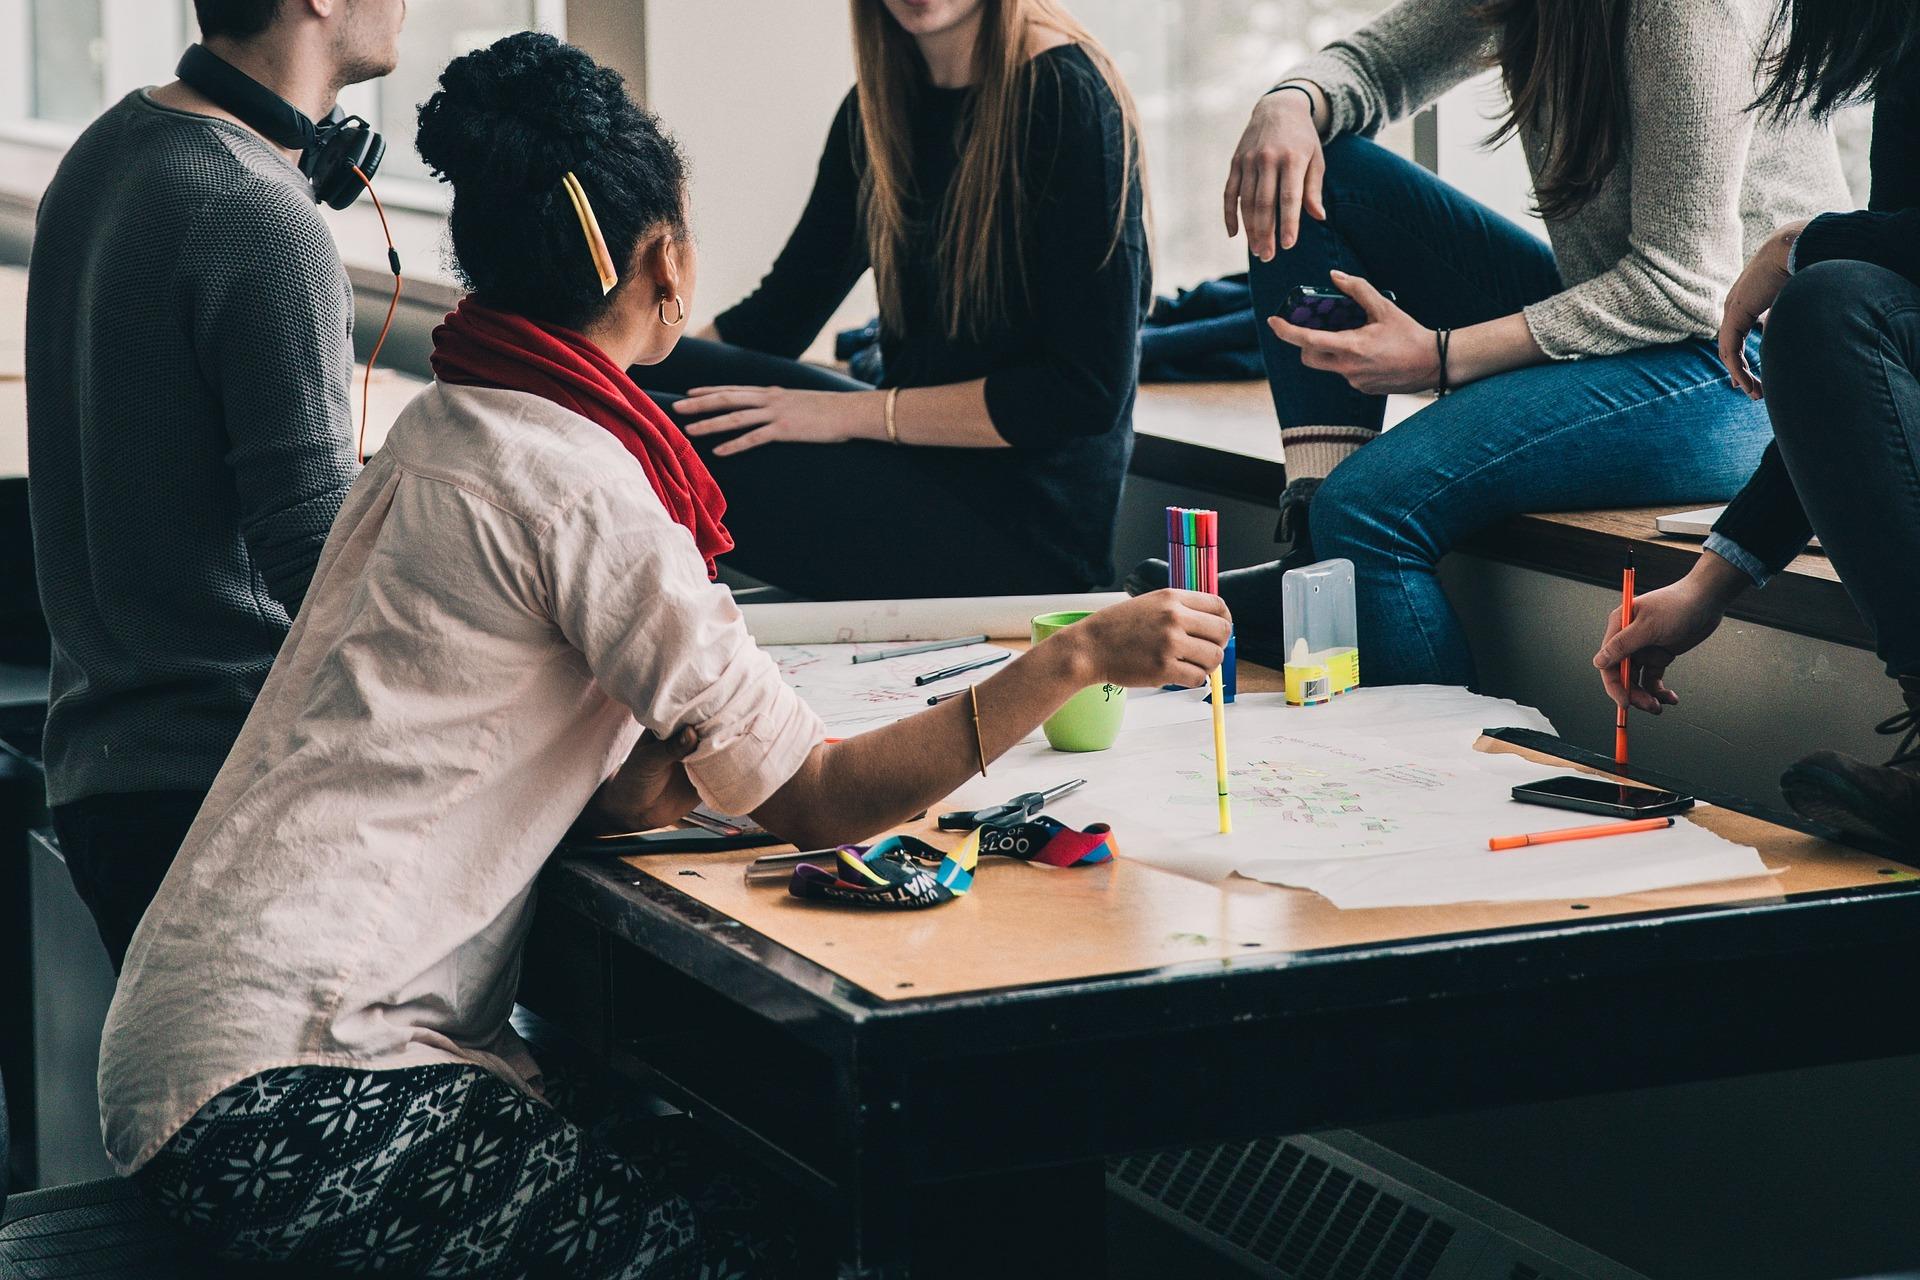 Les étudiants se sentent-ils bien préparés à intégrer le marché du travail ? - Indeed image